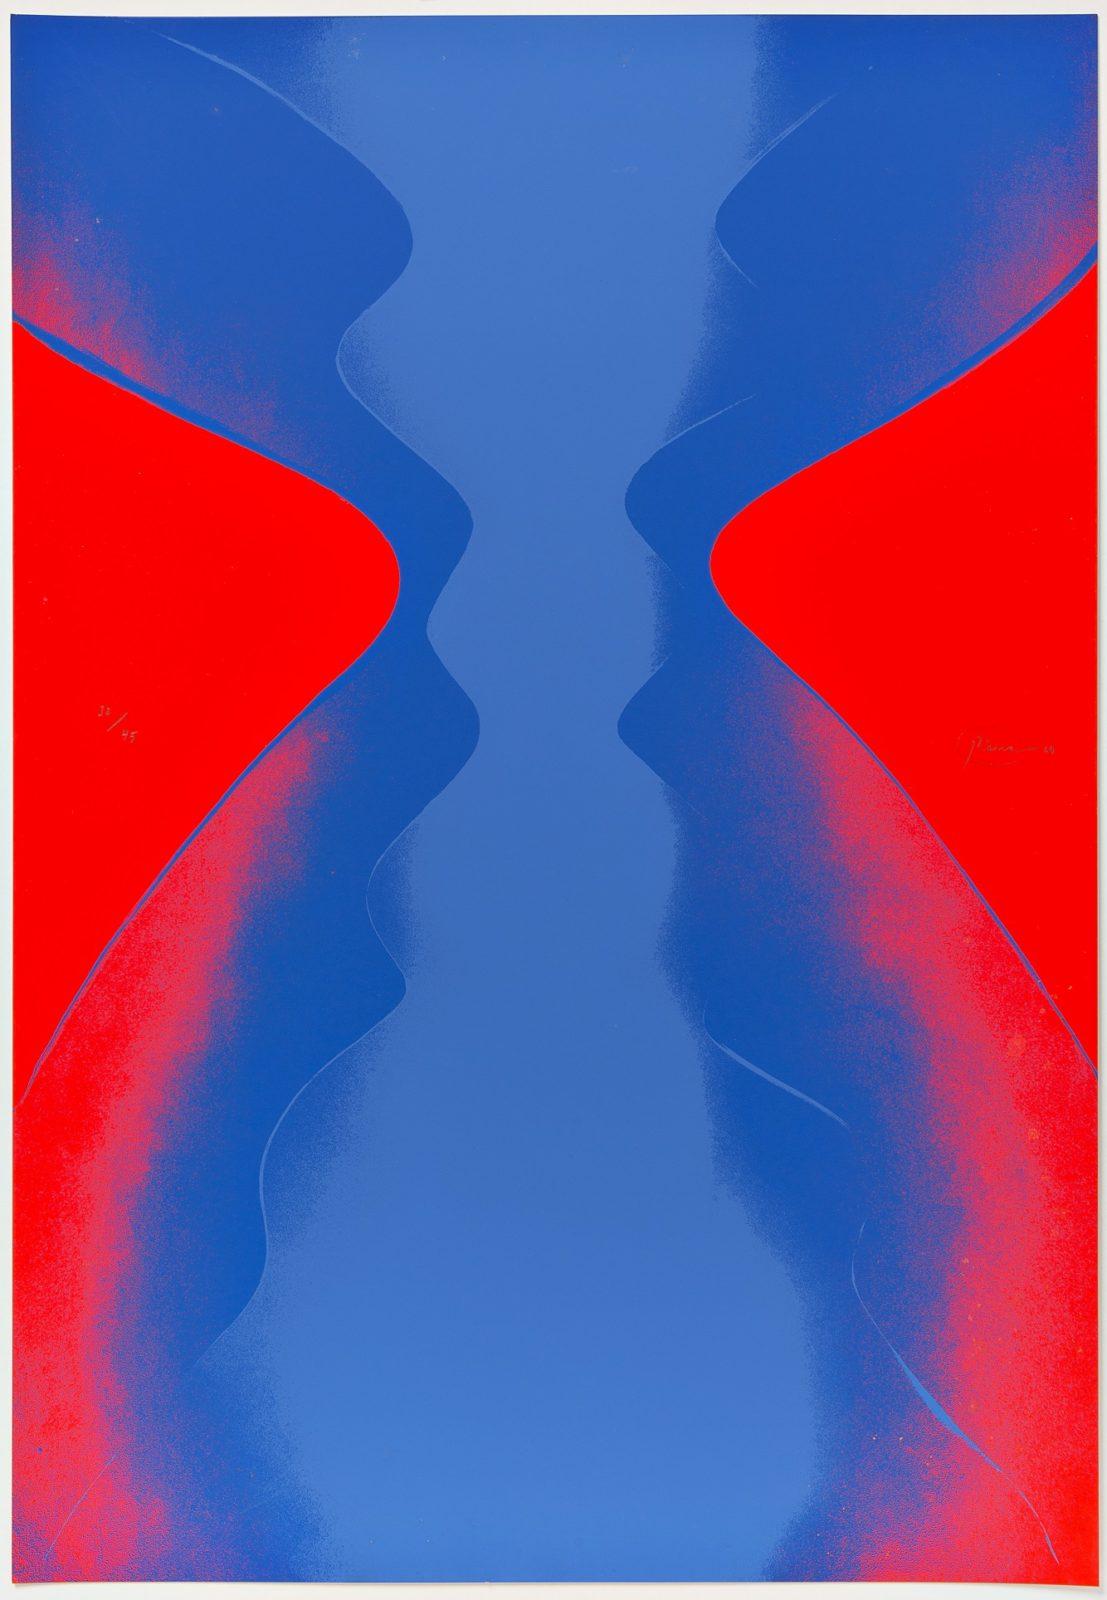 Otto Piene | Ciel Rouge. Ciel Bleu.